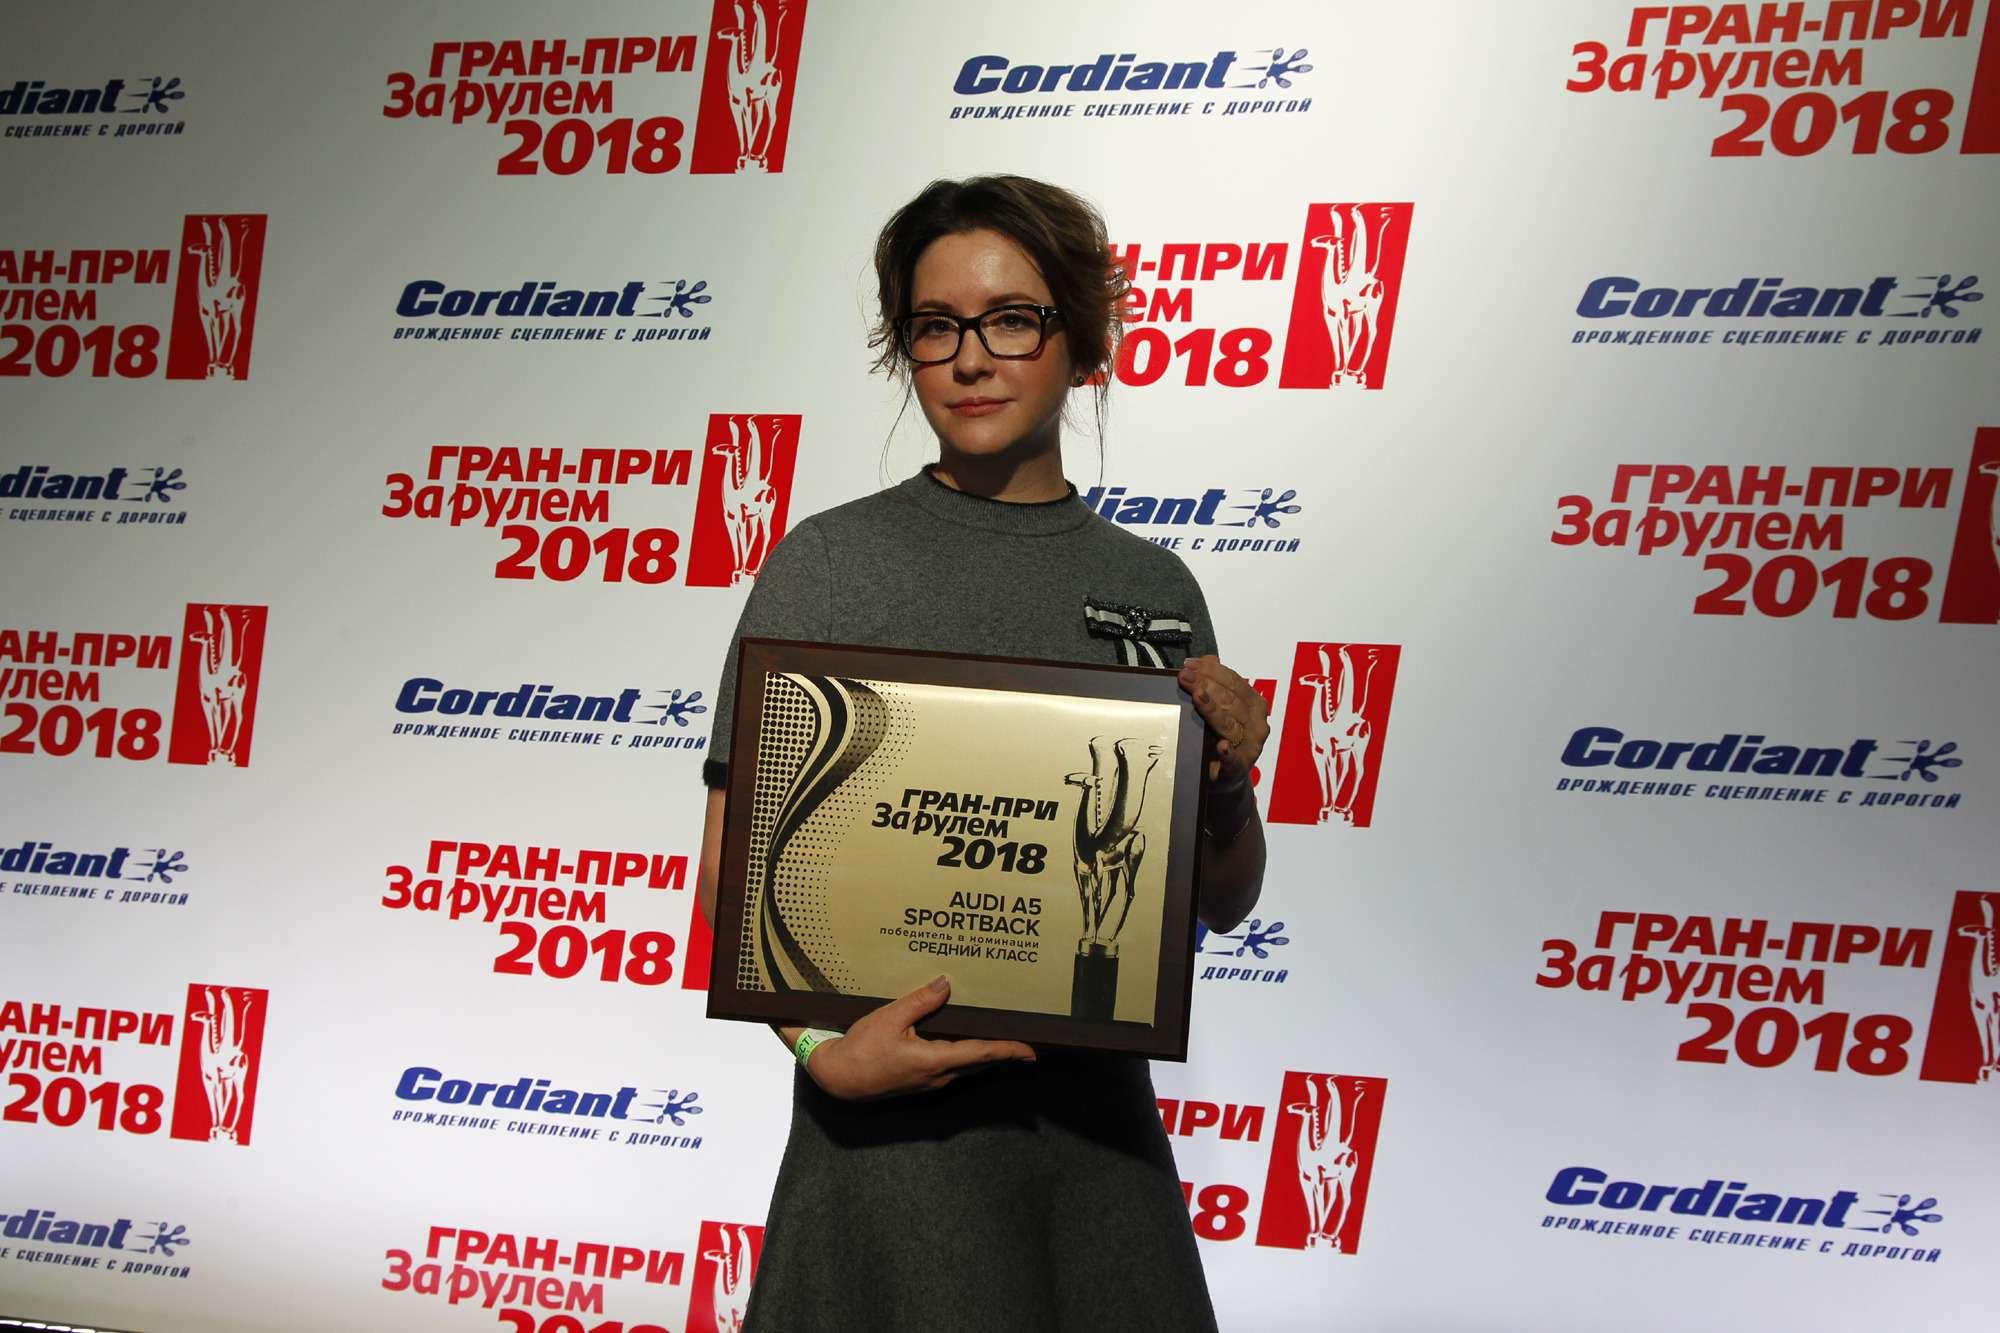 Гран-при «Зарулем»: названы лучшие автоновинки икомпании 2017 года— фото 856029